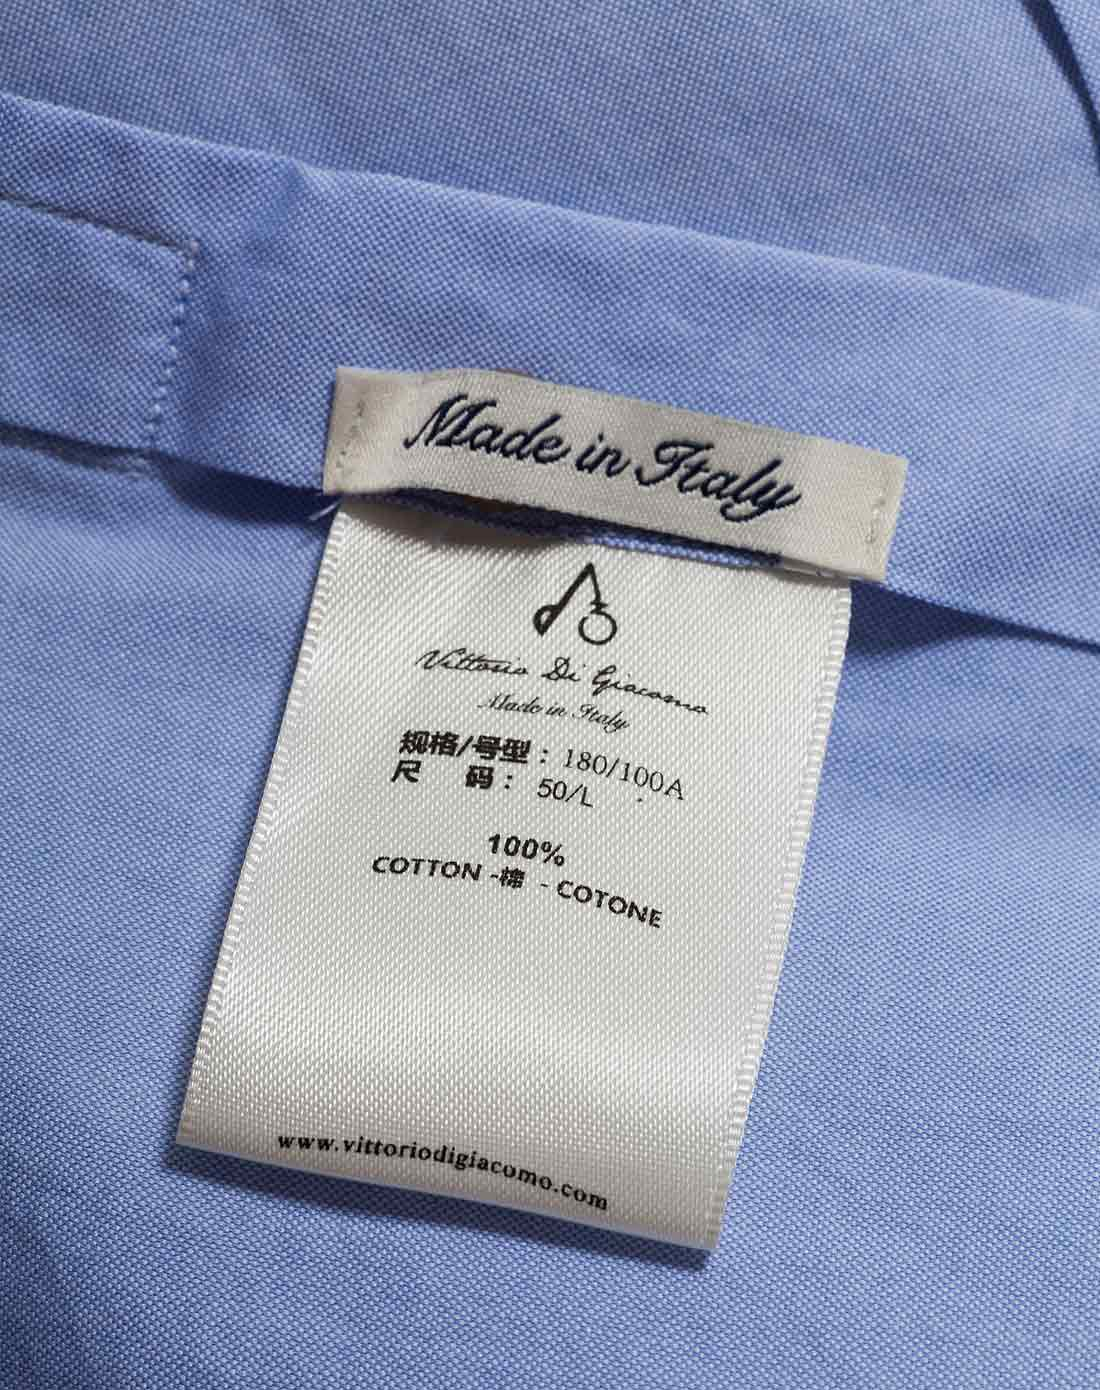 斯文气质浅蓝色纯色长袖衬衫